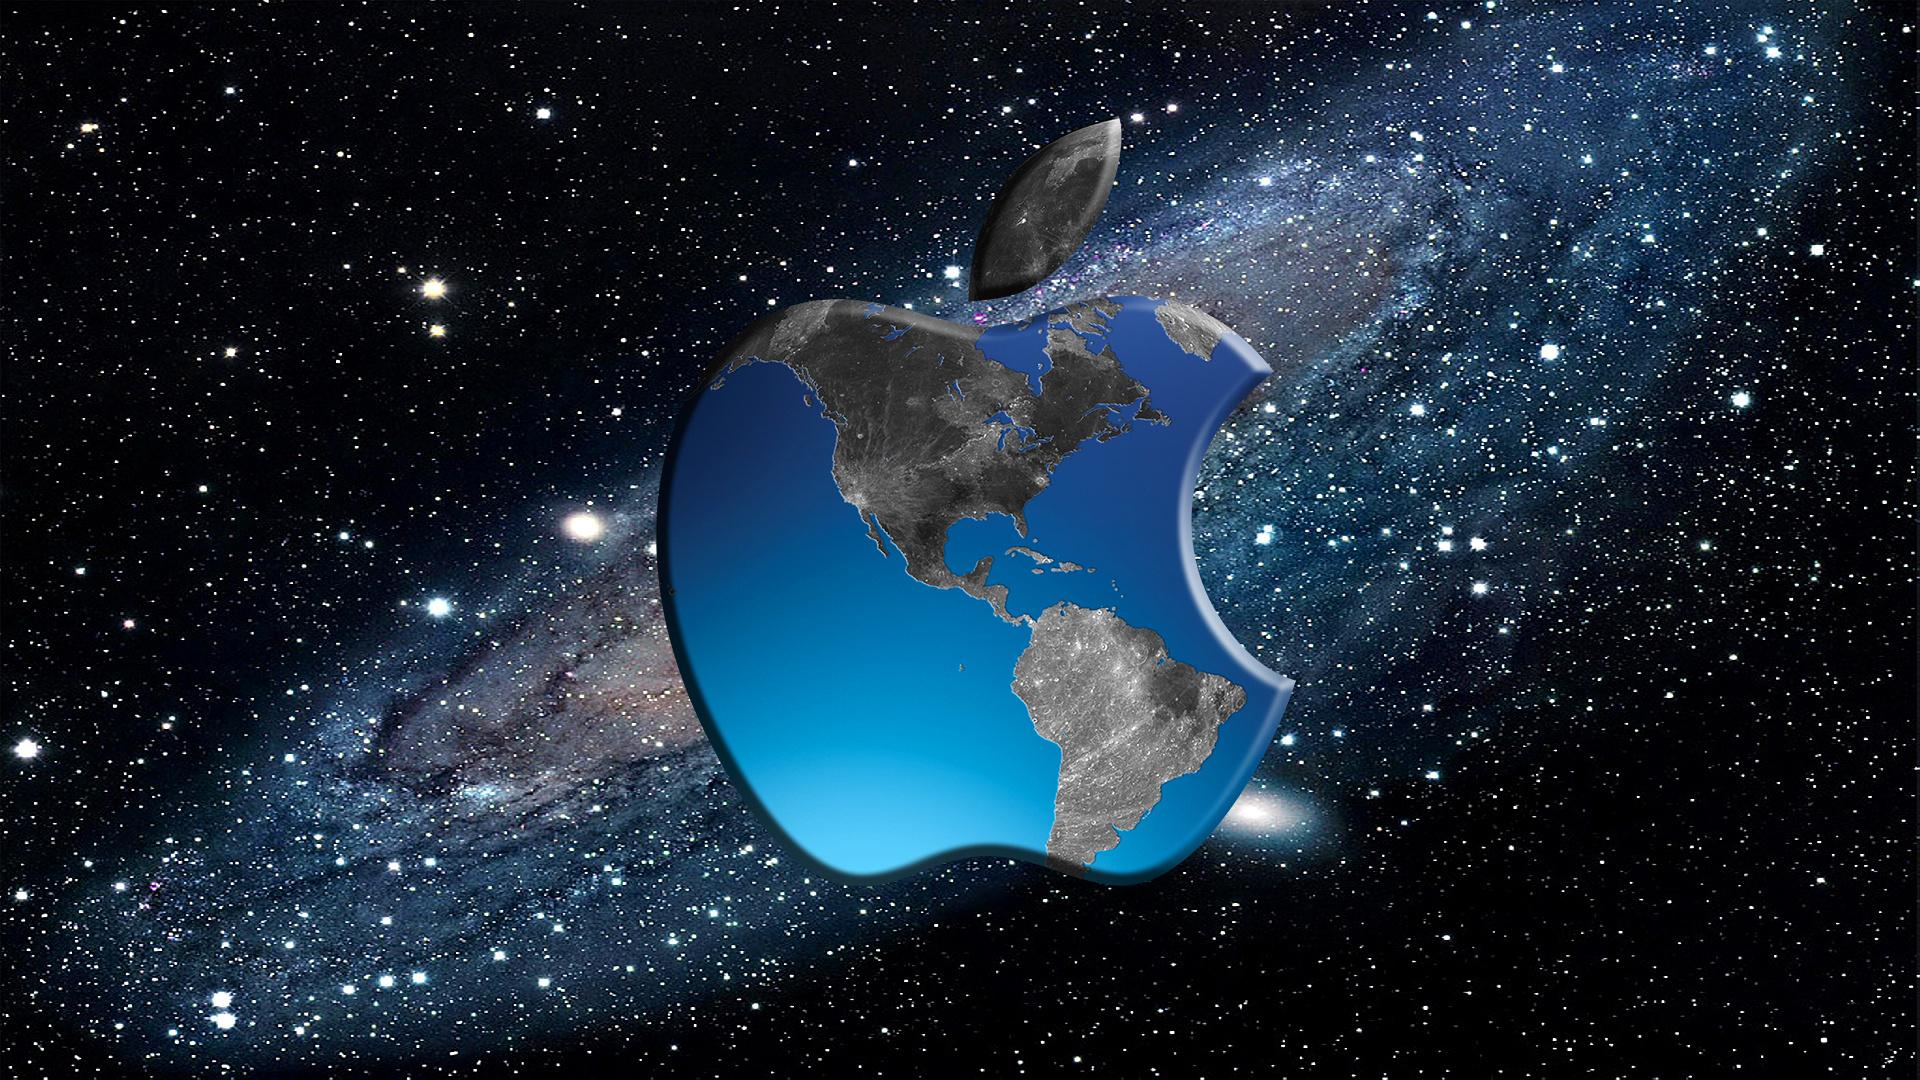 Корпорация Apple вкладывает в инфраструктуру ЕС $1.9 миллиарда. Что это, экспансия в Европу или побег из США?